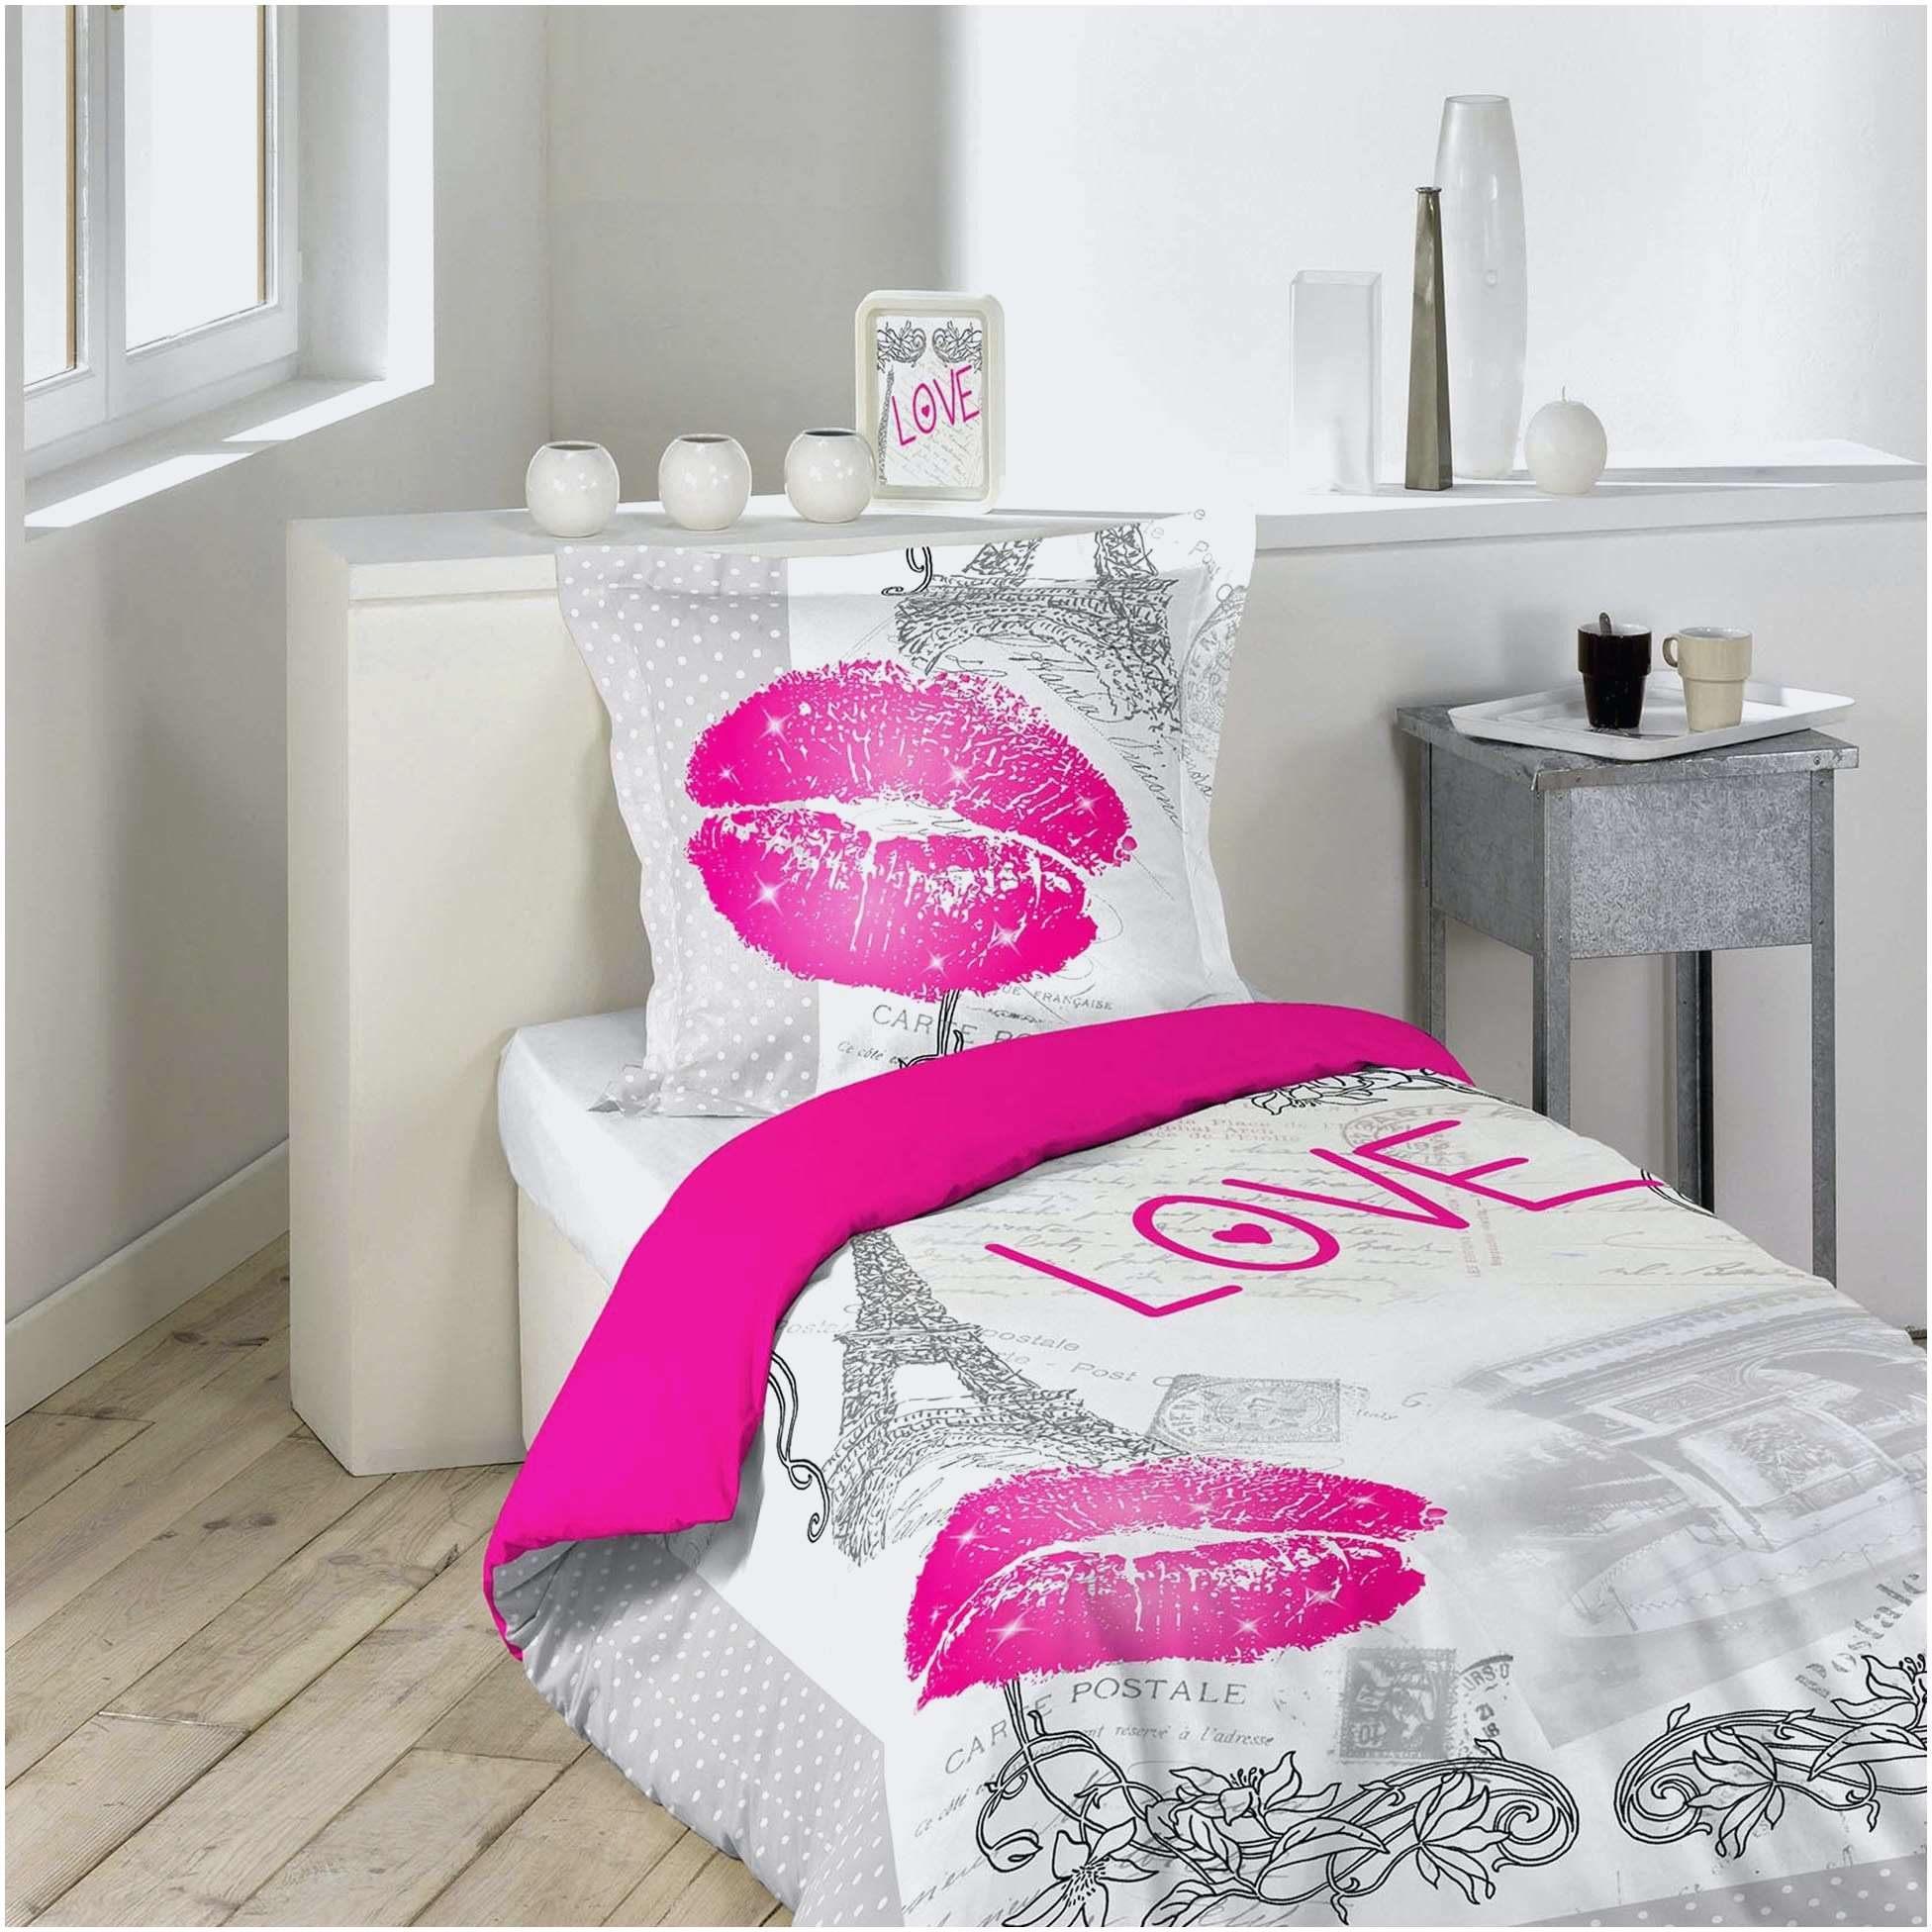 Parure De Lit Luxe Inspirant Nouveau Linge De Lit Luxe Maison Design Apsip Pour Choix Destockage